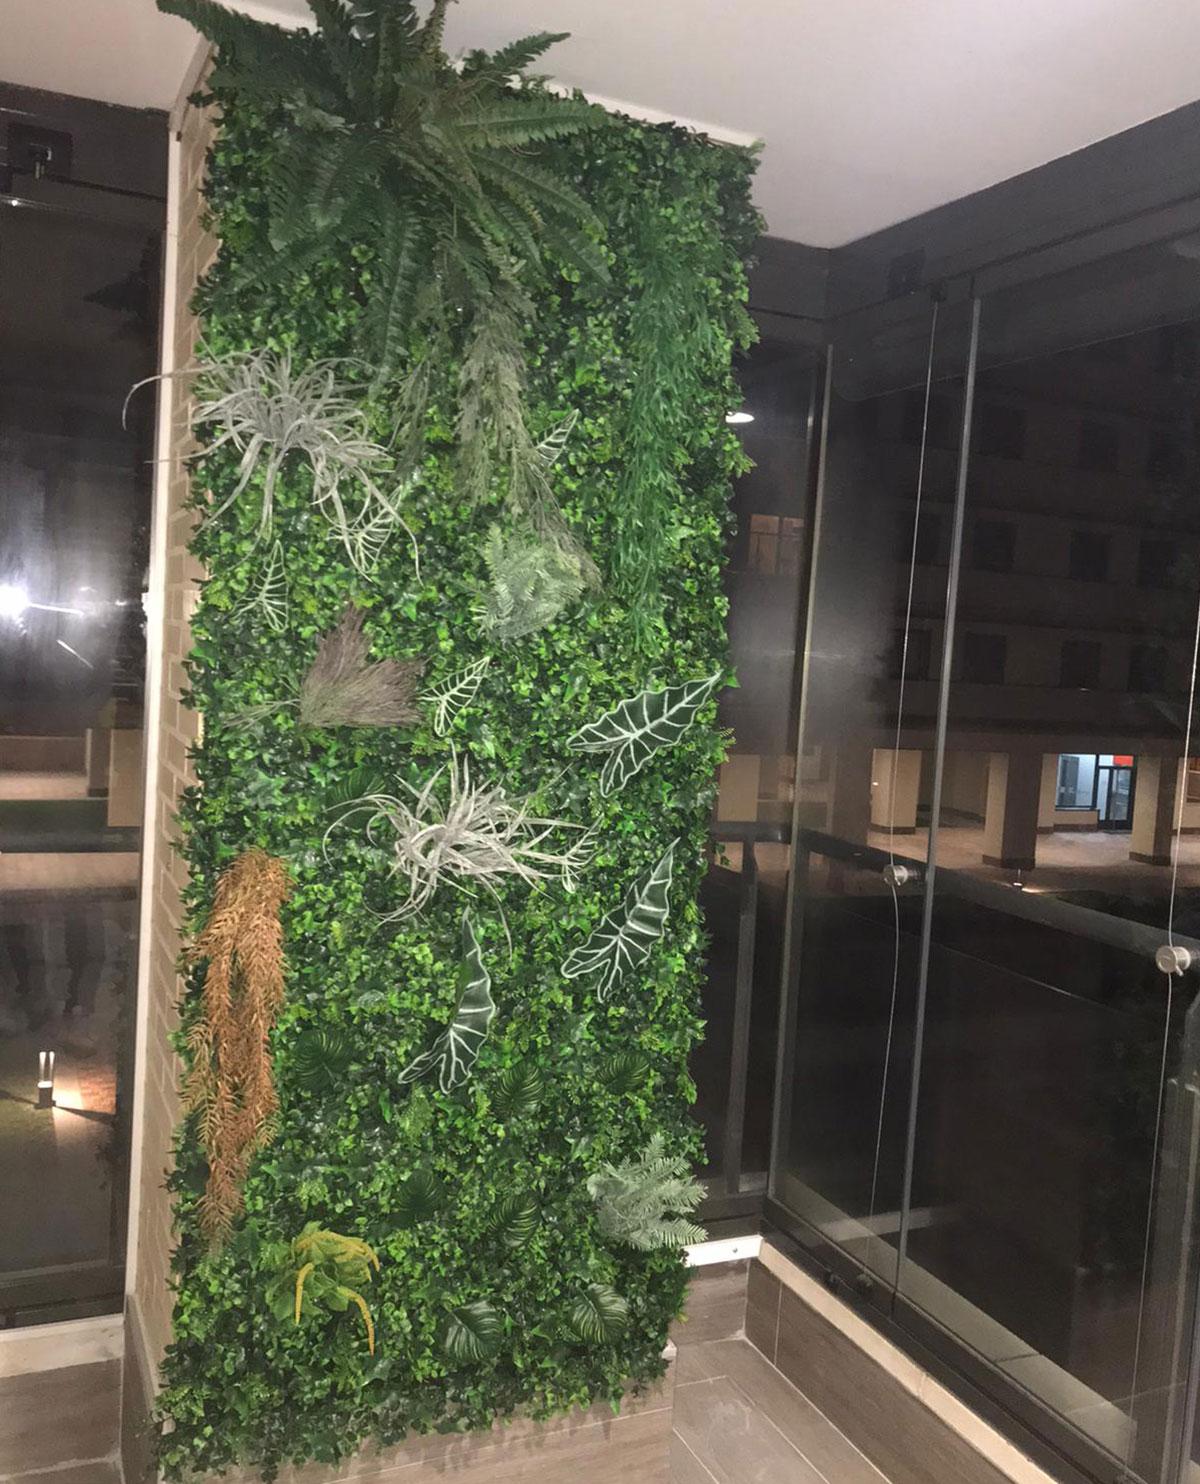 jardin vertical en vallecas